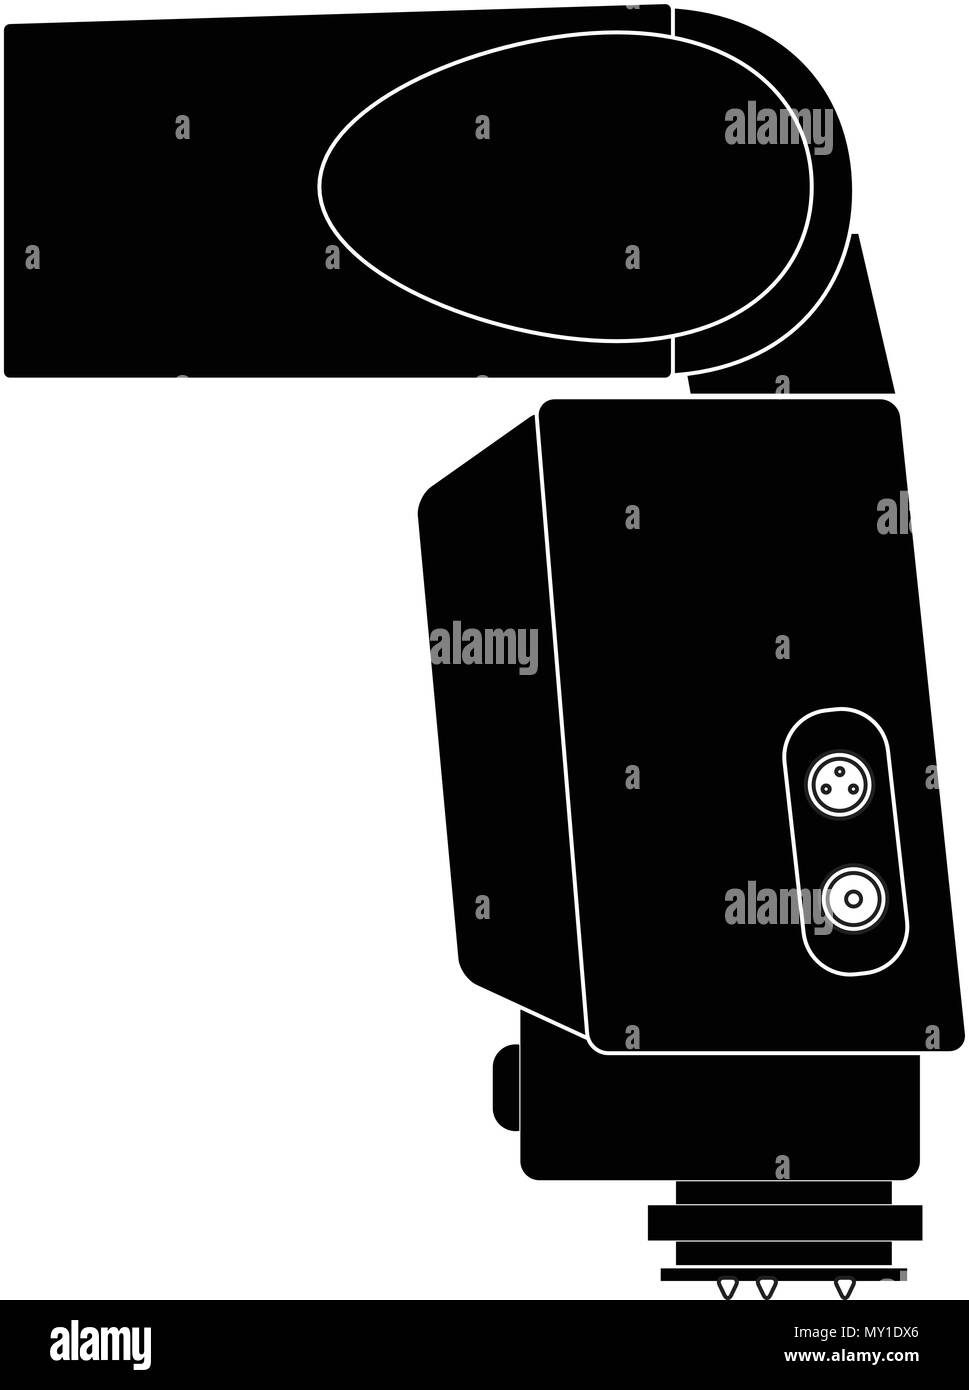 slr, dslr flash vector illustration silhouette Stock Vector